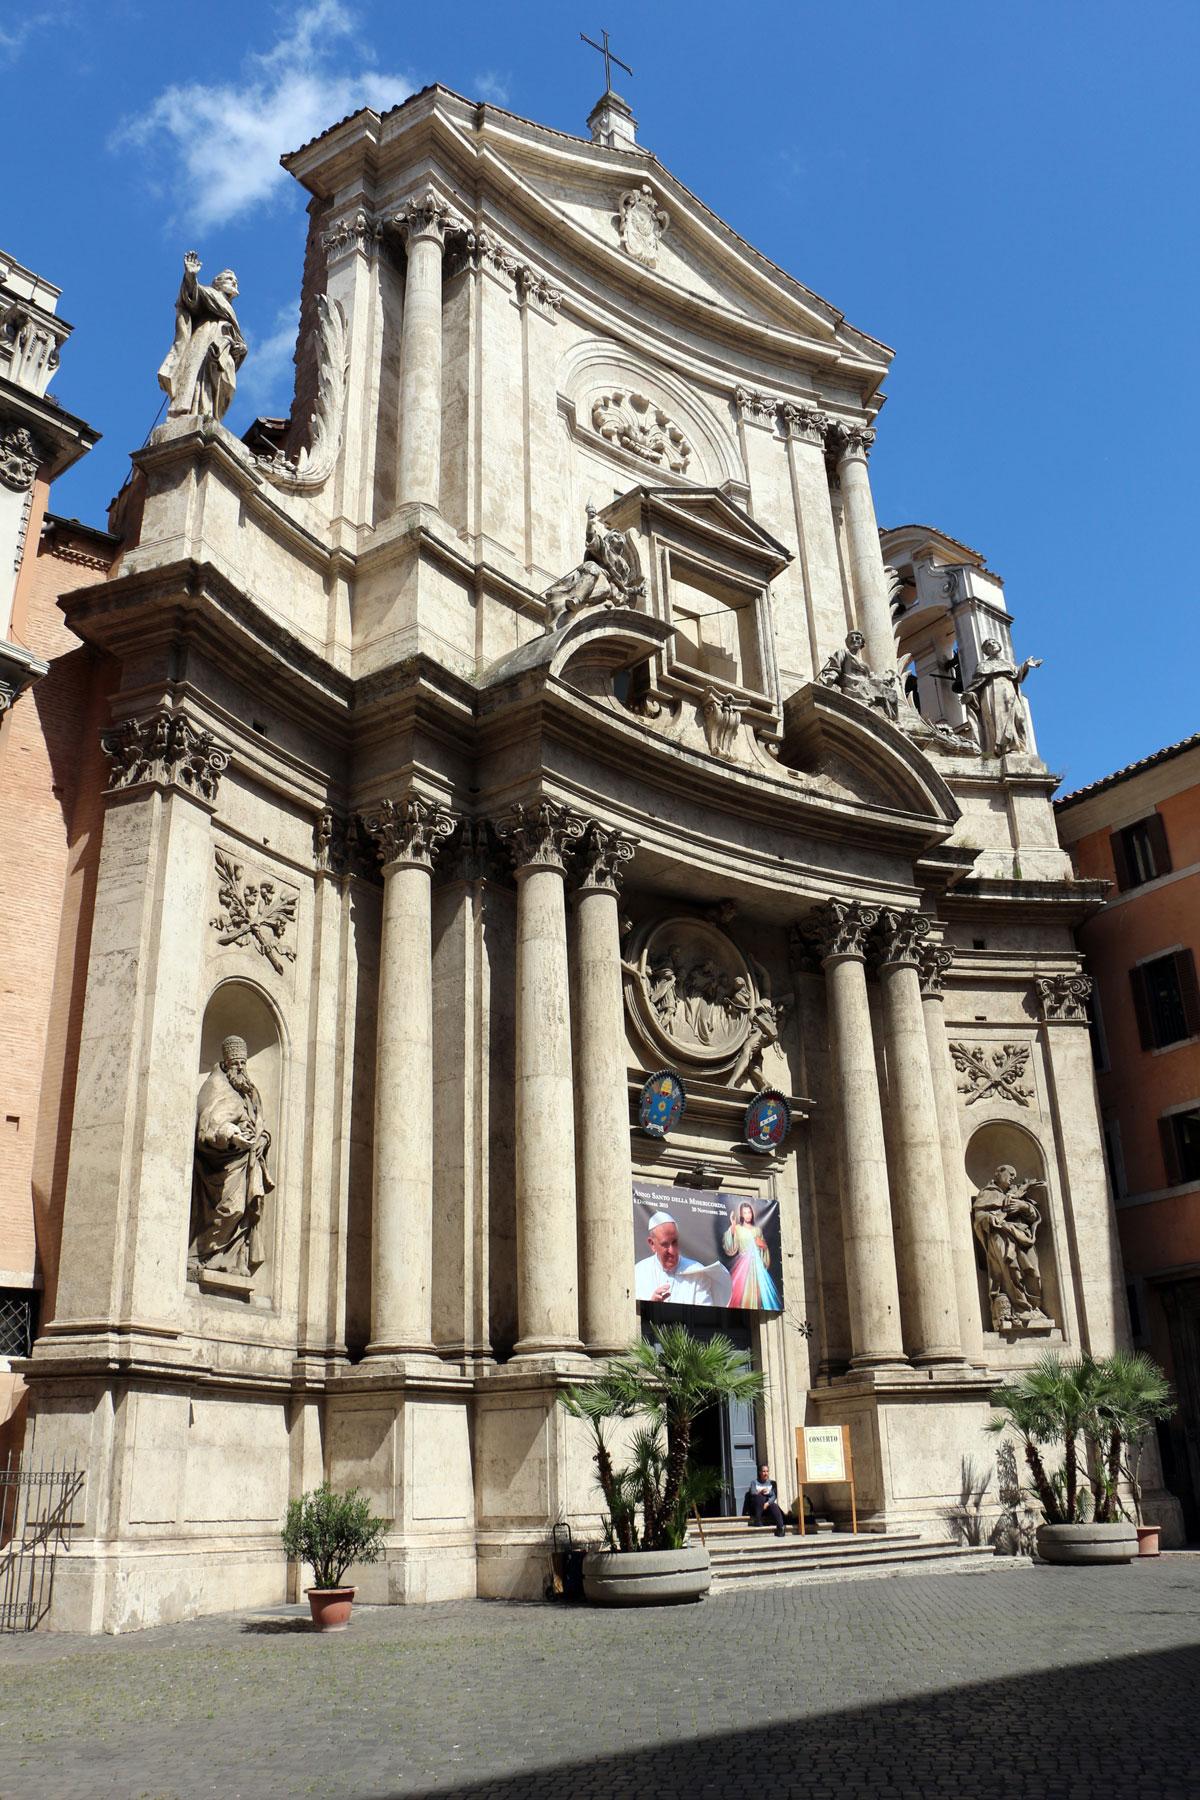 La facciata della chiesa di San Marcello al Corso. Ph. Credit Francesco Bini